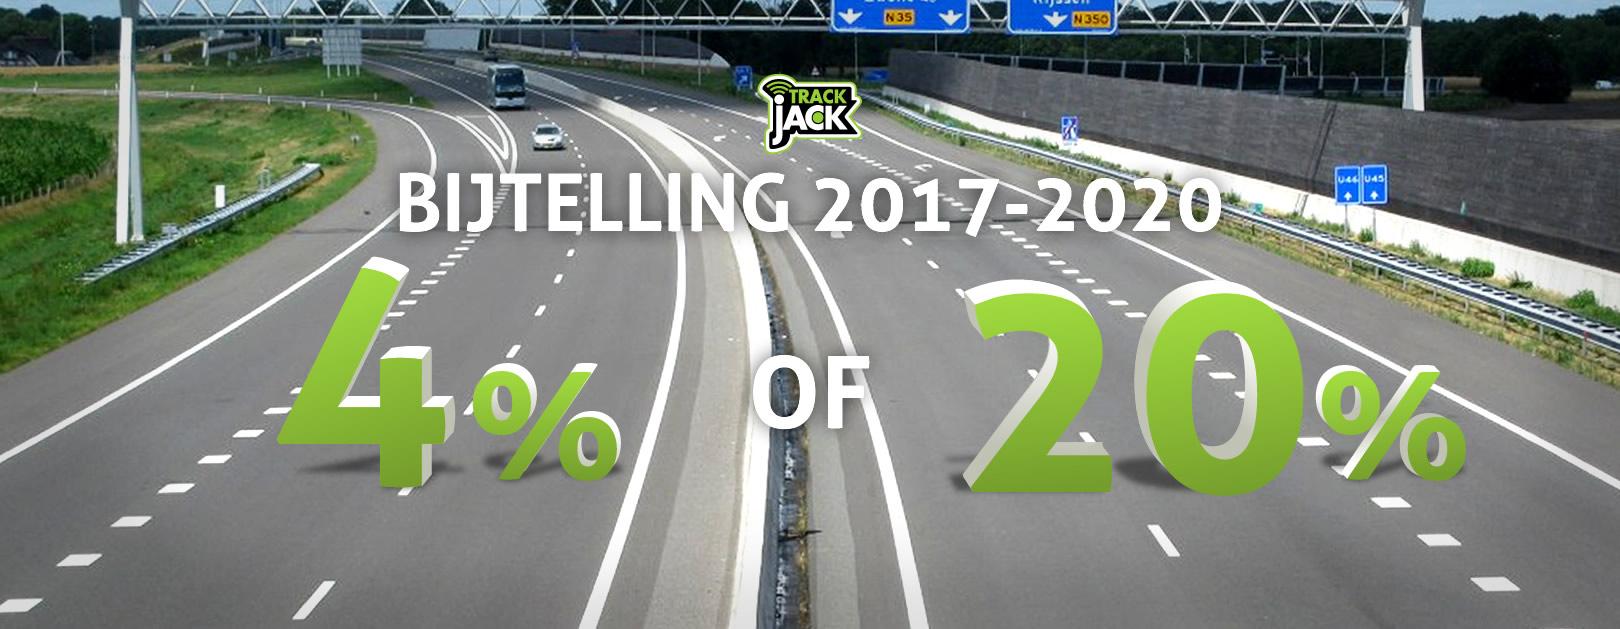 trackjack-bijtelling-2017